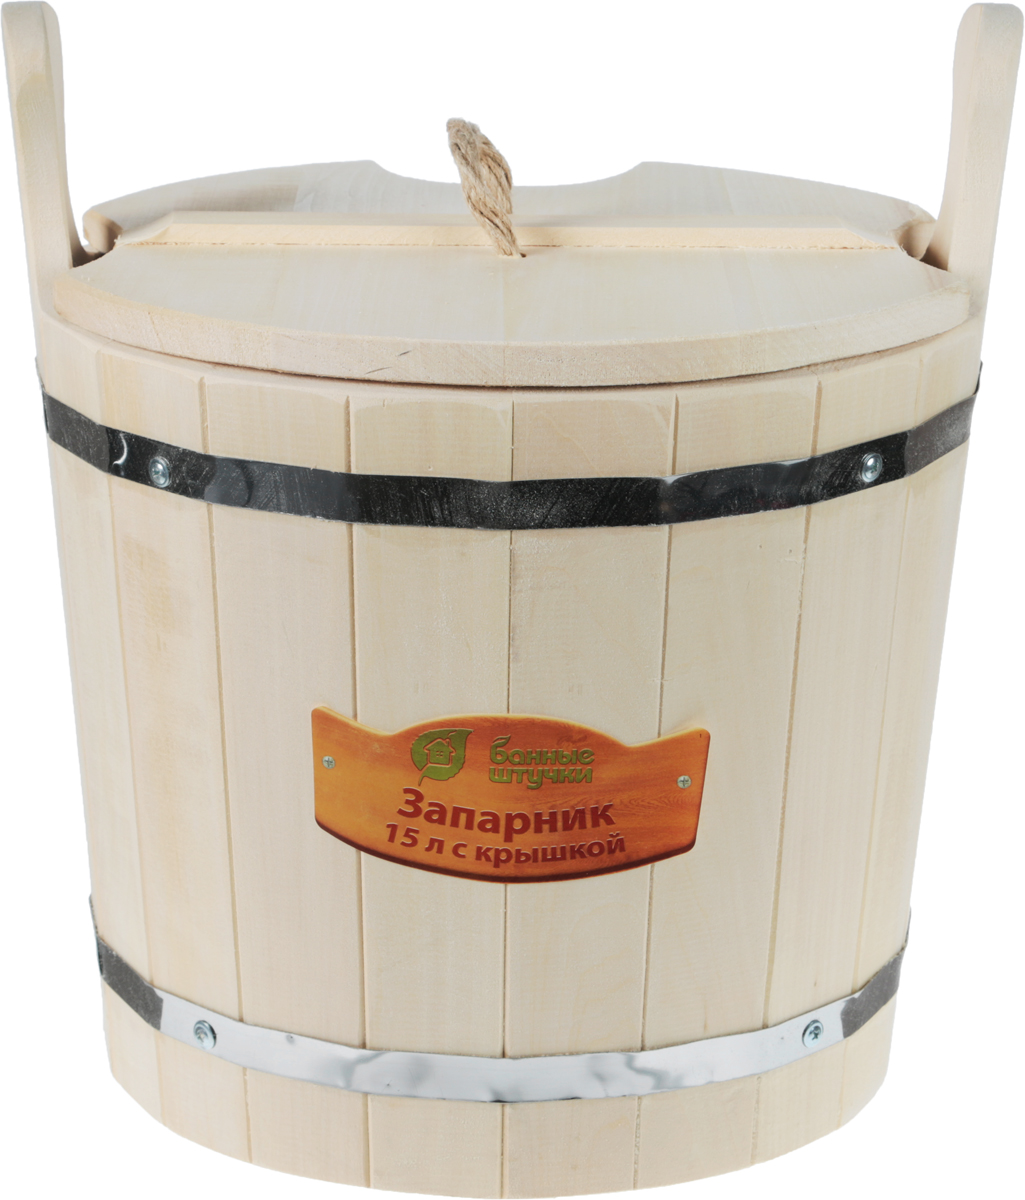 Запарник Банные штучки, с крышкой, 15 л03592Запарник Банные штучки, изготовленный из липы, доставит вам настоящее удовольствие от банной процедуры. При запаривании веник обретает свою природную силу и сохраняет полезные свойства. Корпус запарника состоит из стянутых металлическими обручами клепок. Запарник оснащен деревянной крышкой с отверстием для веника и ручкой из веревки. Интересная штука - баня. Место, где одинаково хорошо и в компании, и в одиночестве. Перекресток, казалось бы, разных направлений - общение и здоровье. Приятное и полезное. И всегда в позитиве. Высота запарника (без ушек): 30 см.Высота запарника (с ушками): 39 см.Диаметр запарника по верхнему краю: 35,5 см.